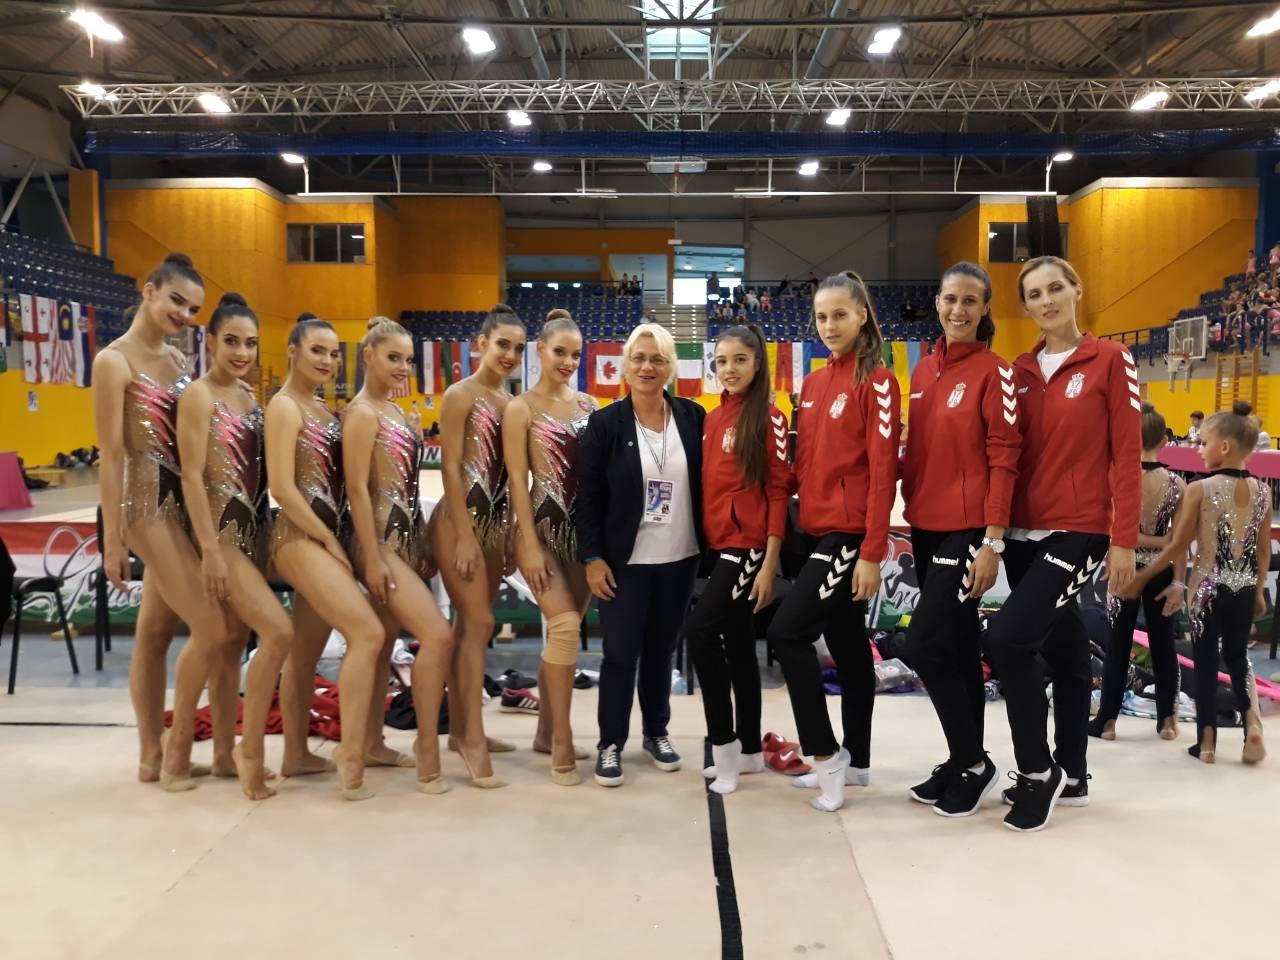 RG Međunarodno takmičenje – GRACIA KUP 2018 – Budimpešta, MAĐARSKA